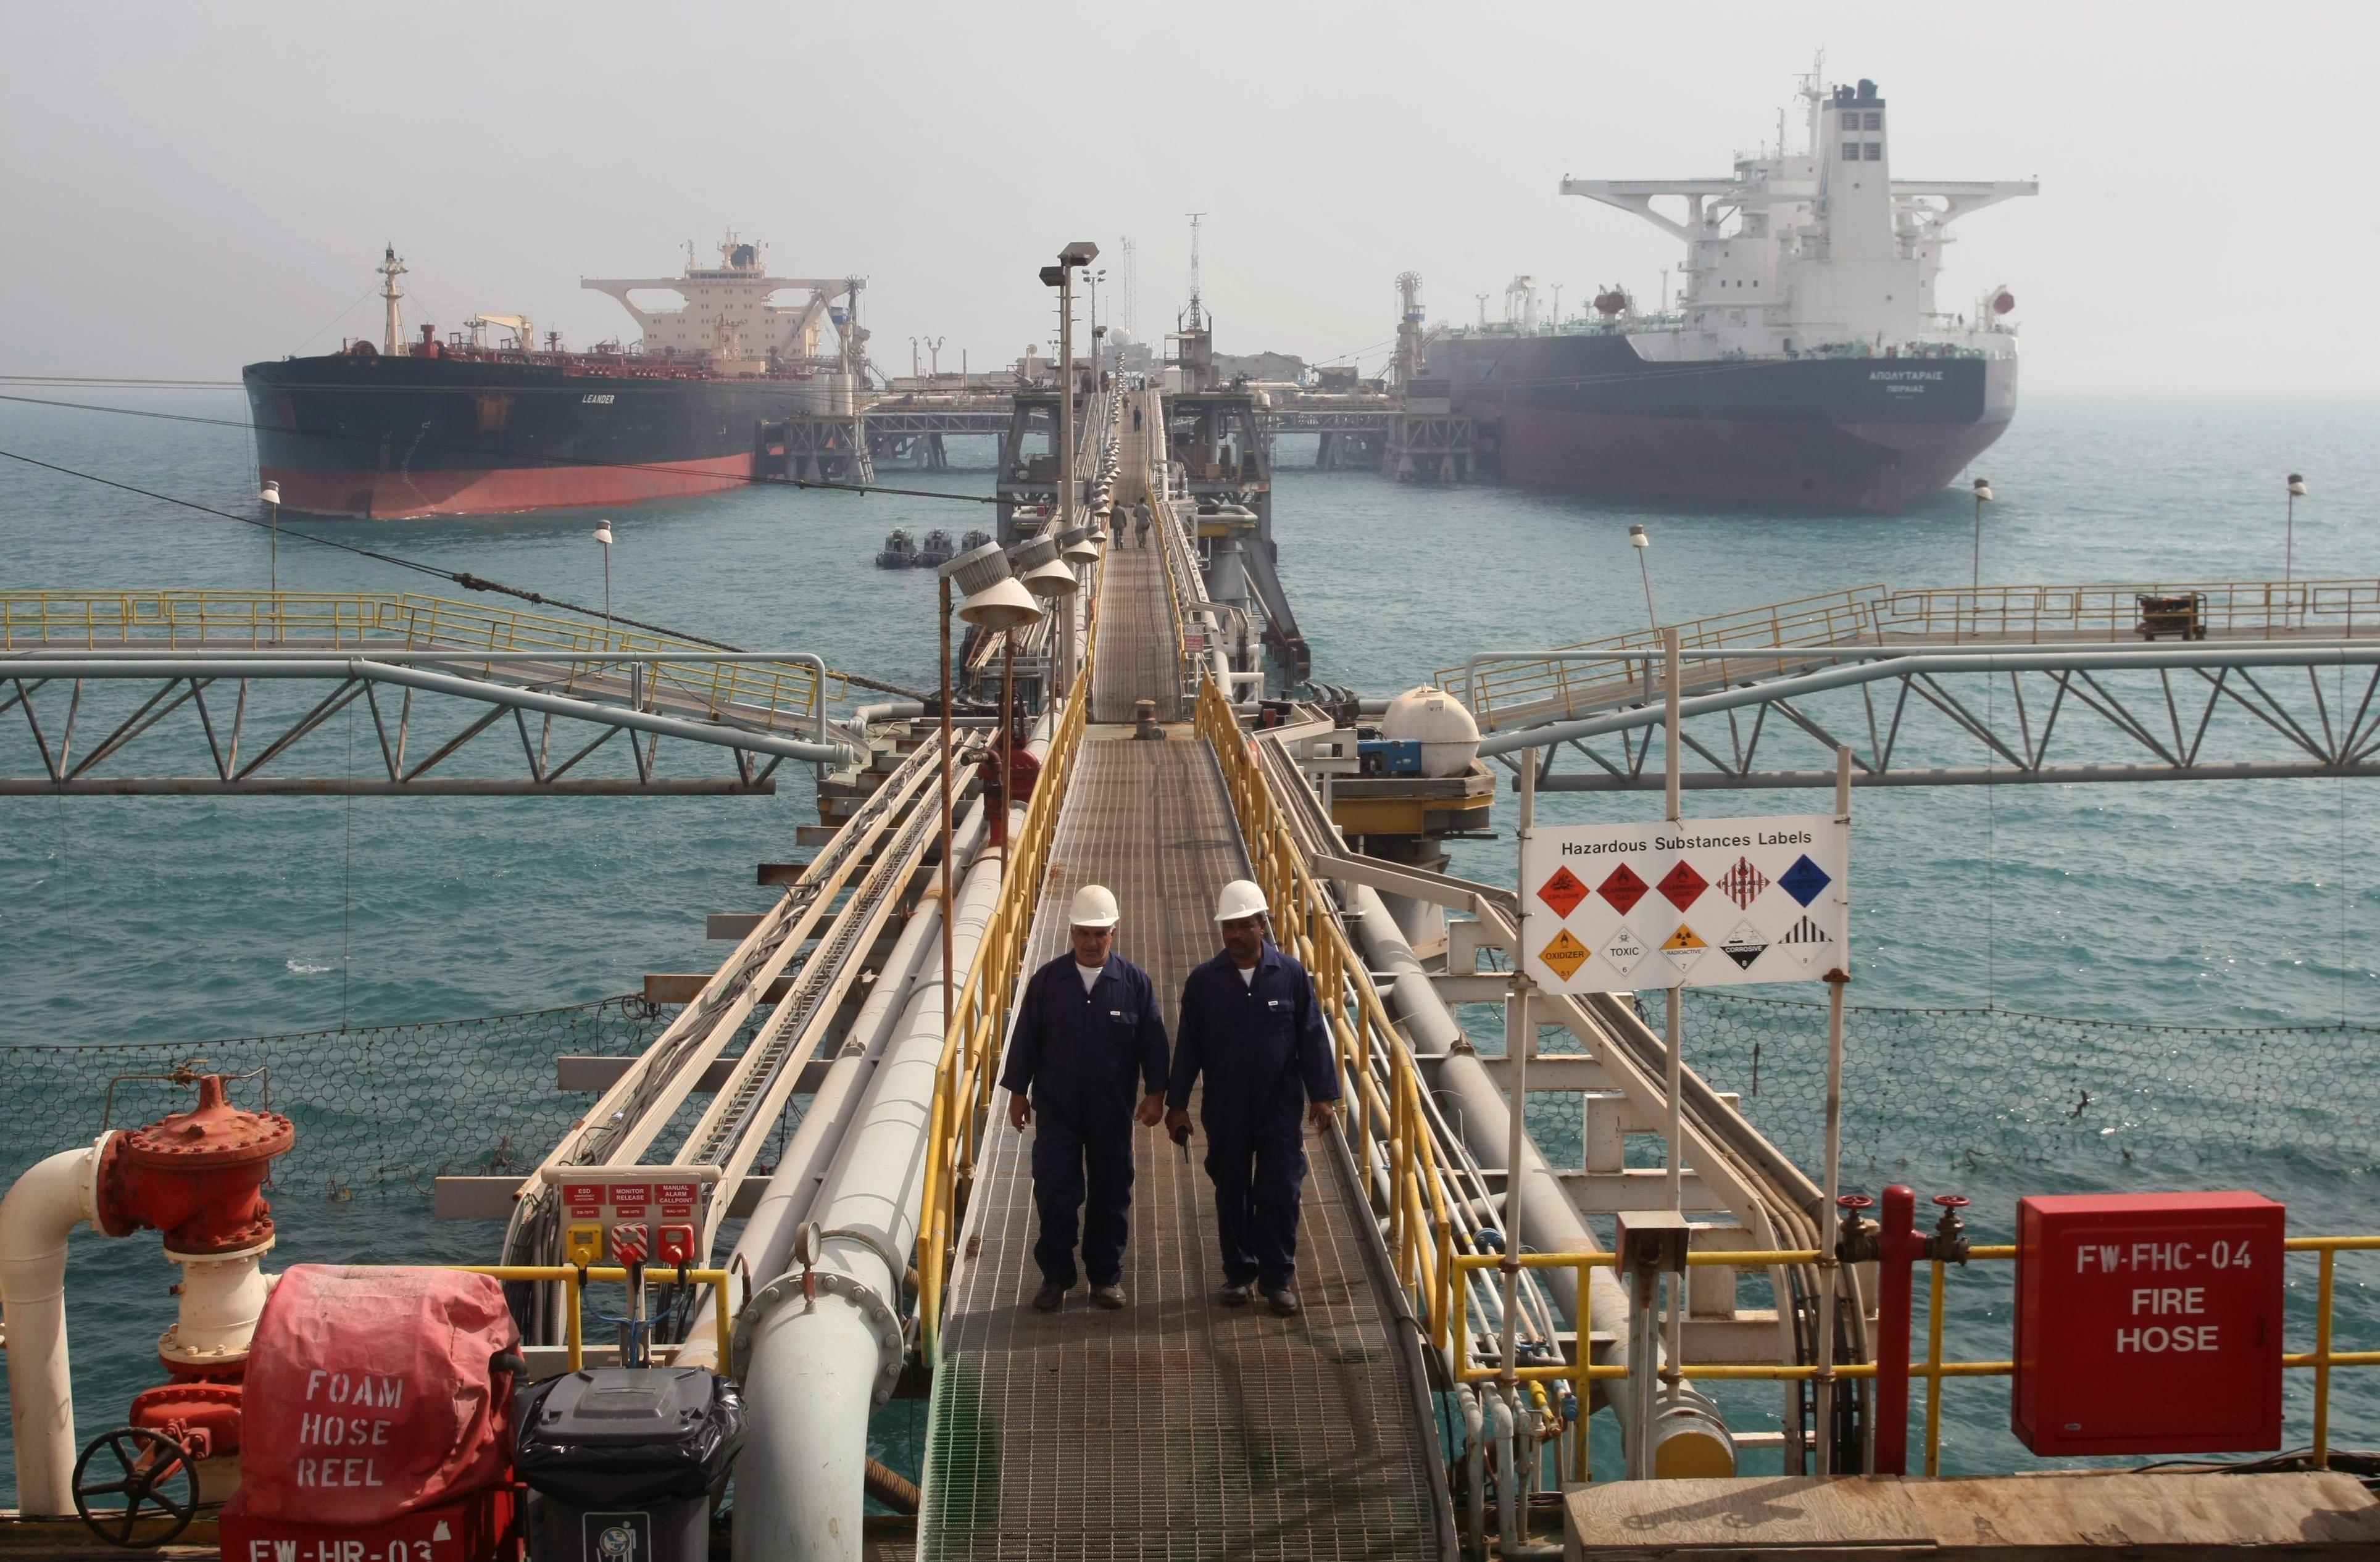 اسعار النفط تتراجع الى دون 70 دولارا